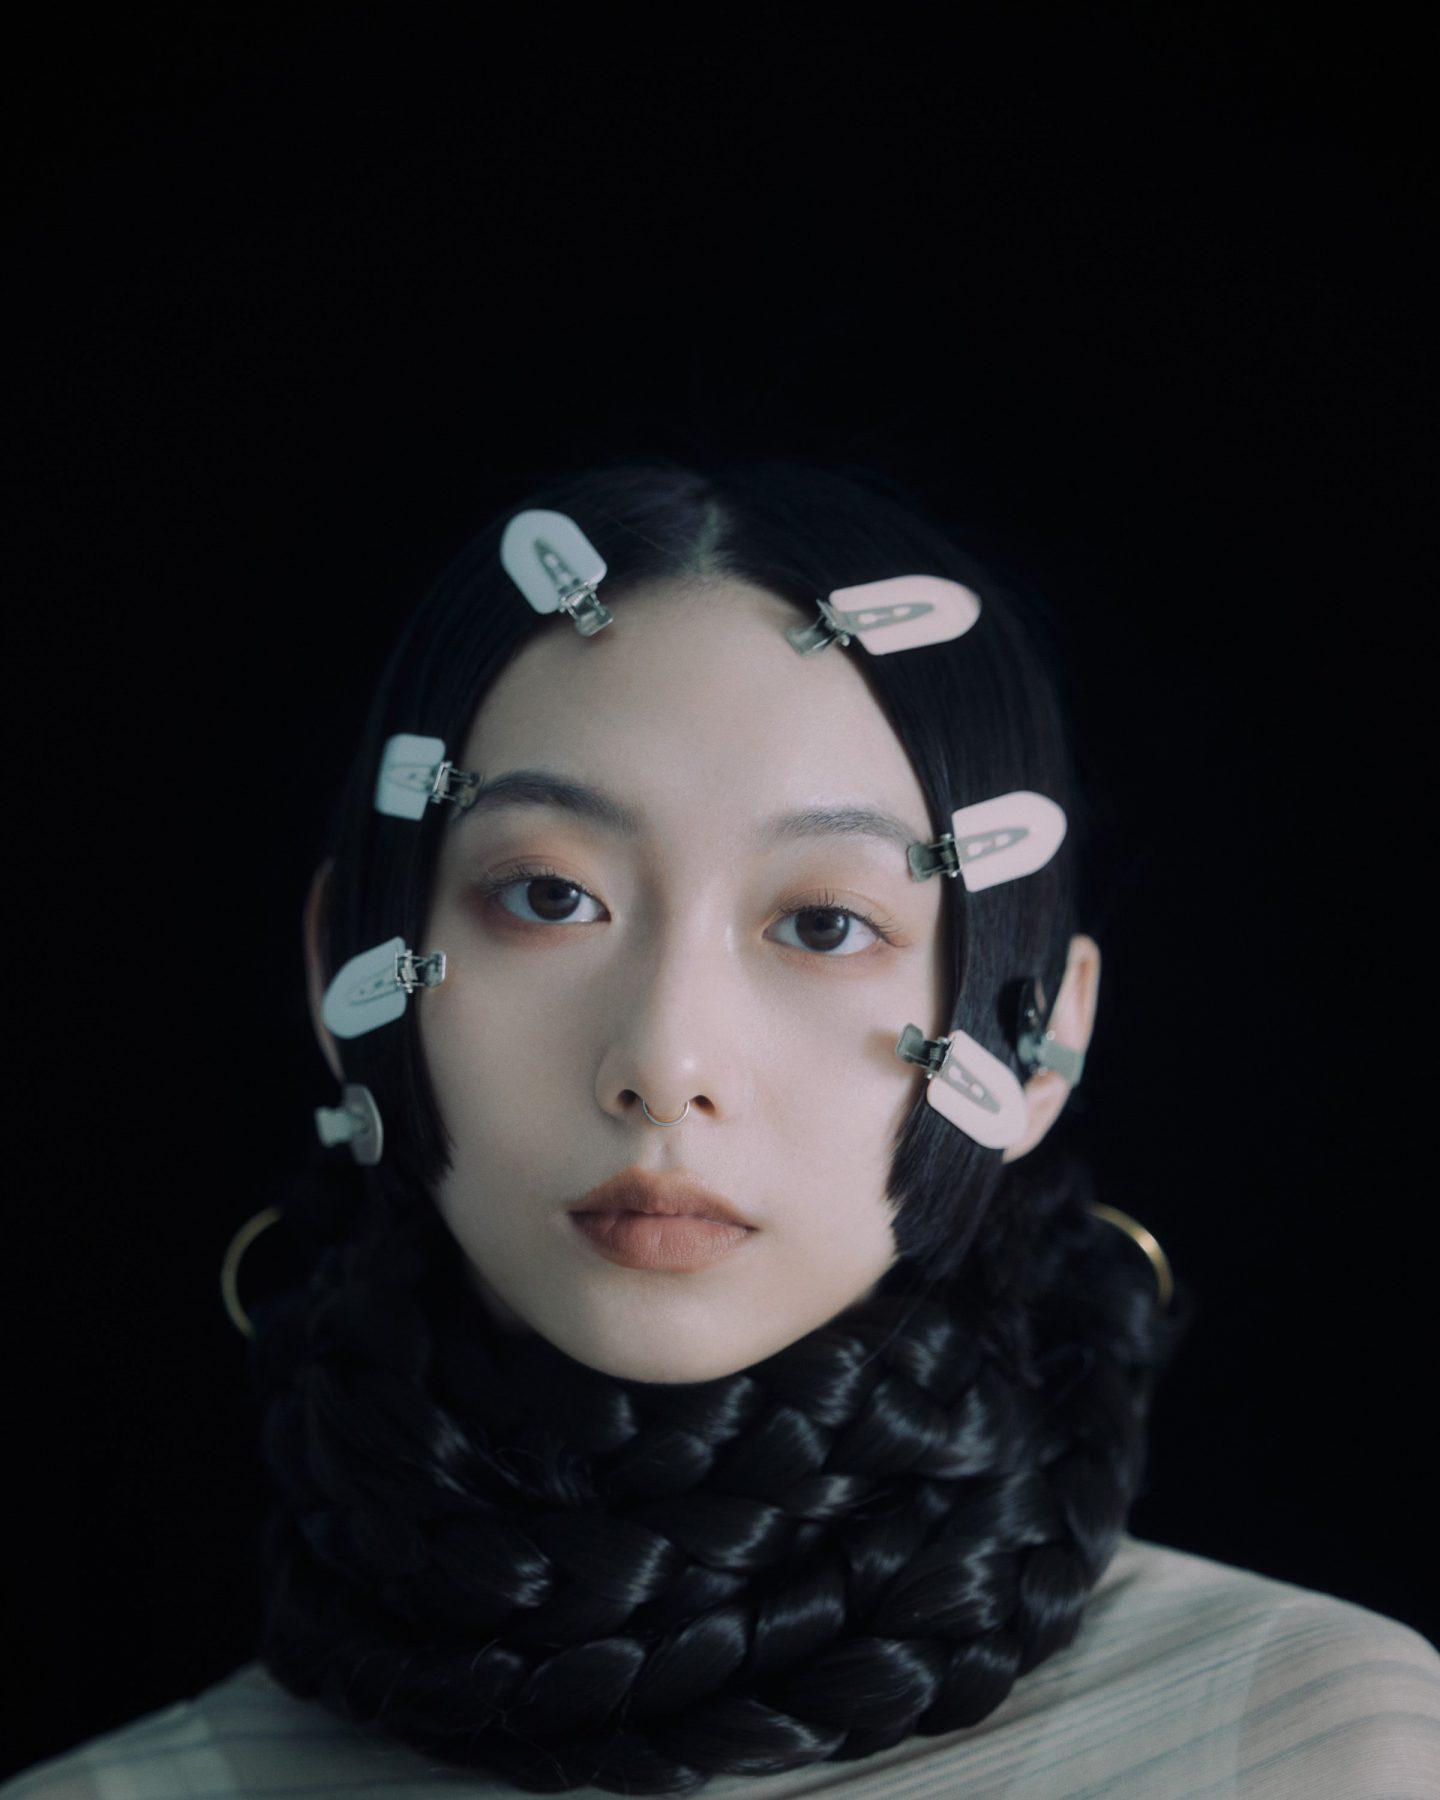 IGNANT-Photography-Zhang-Ahuei-013